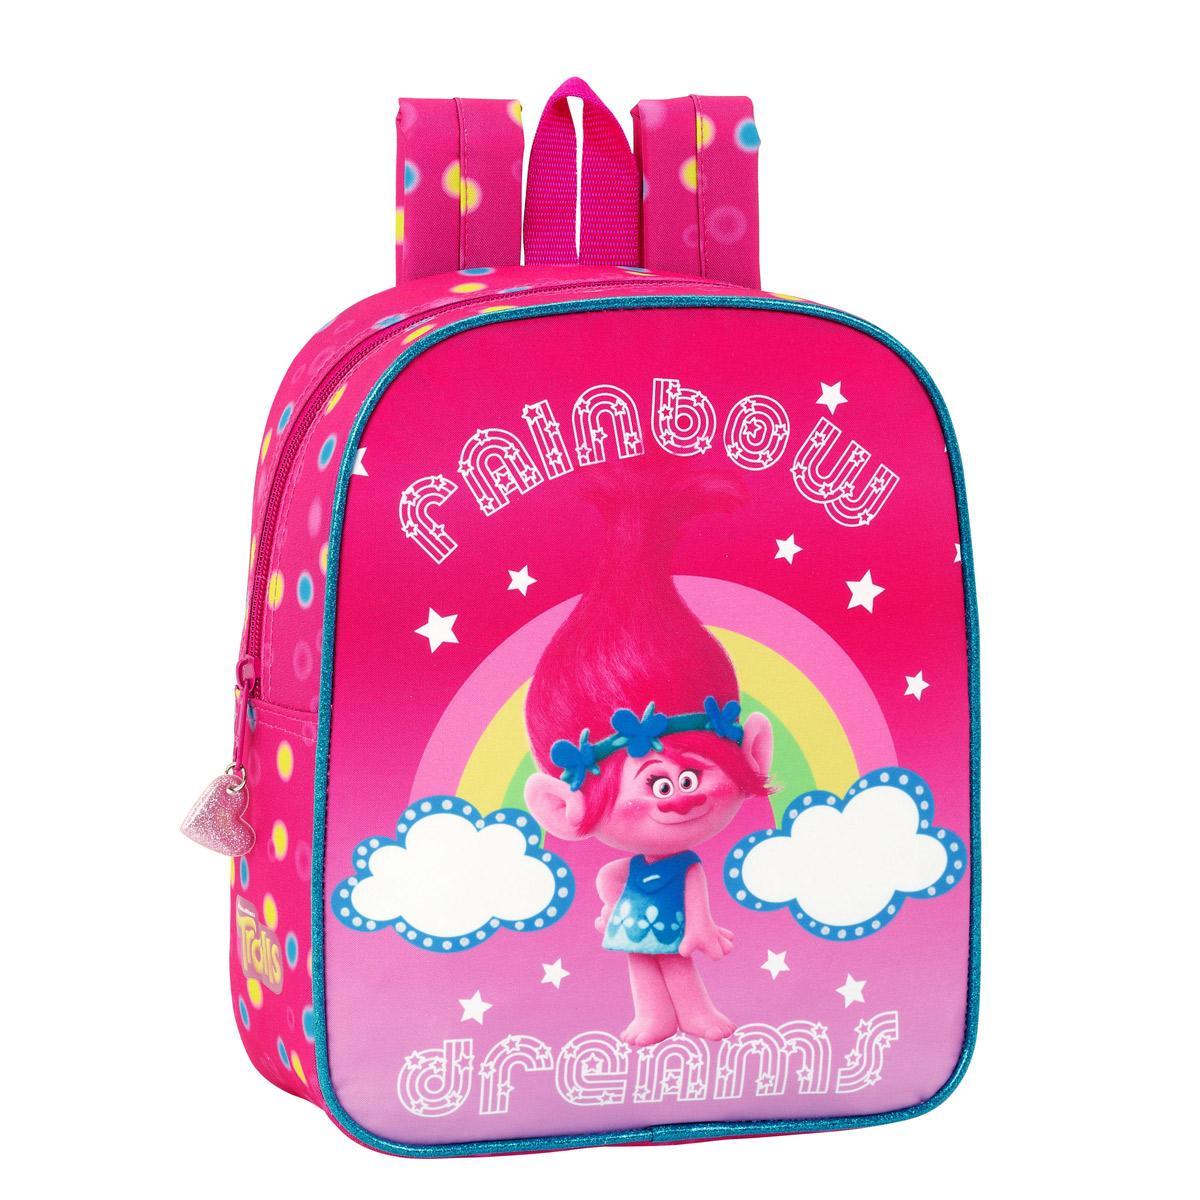 Trolls Junior Backpack Rainbow – image 1